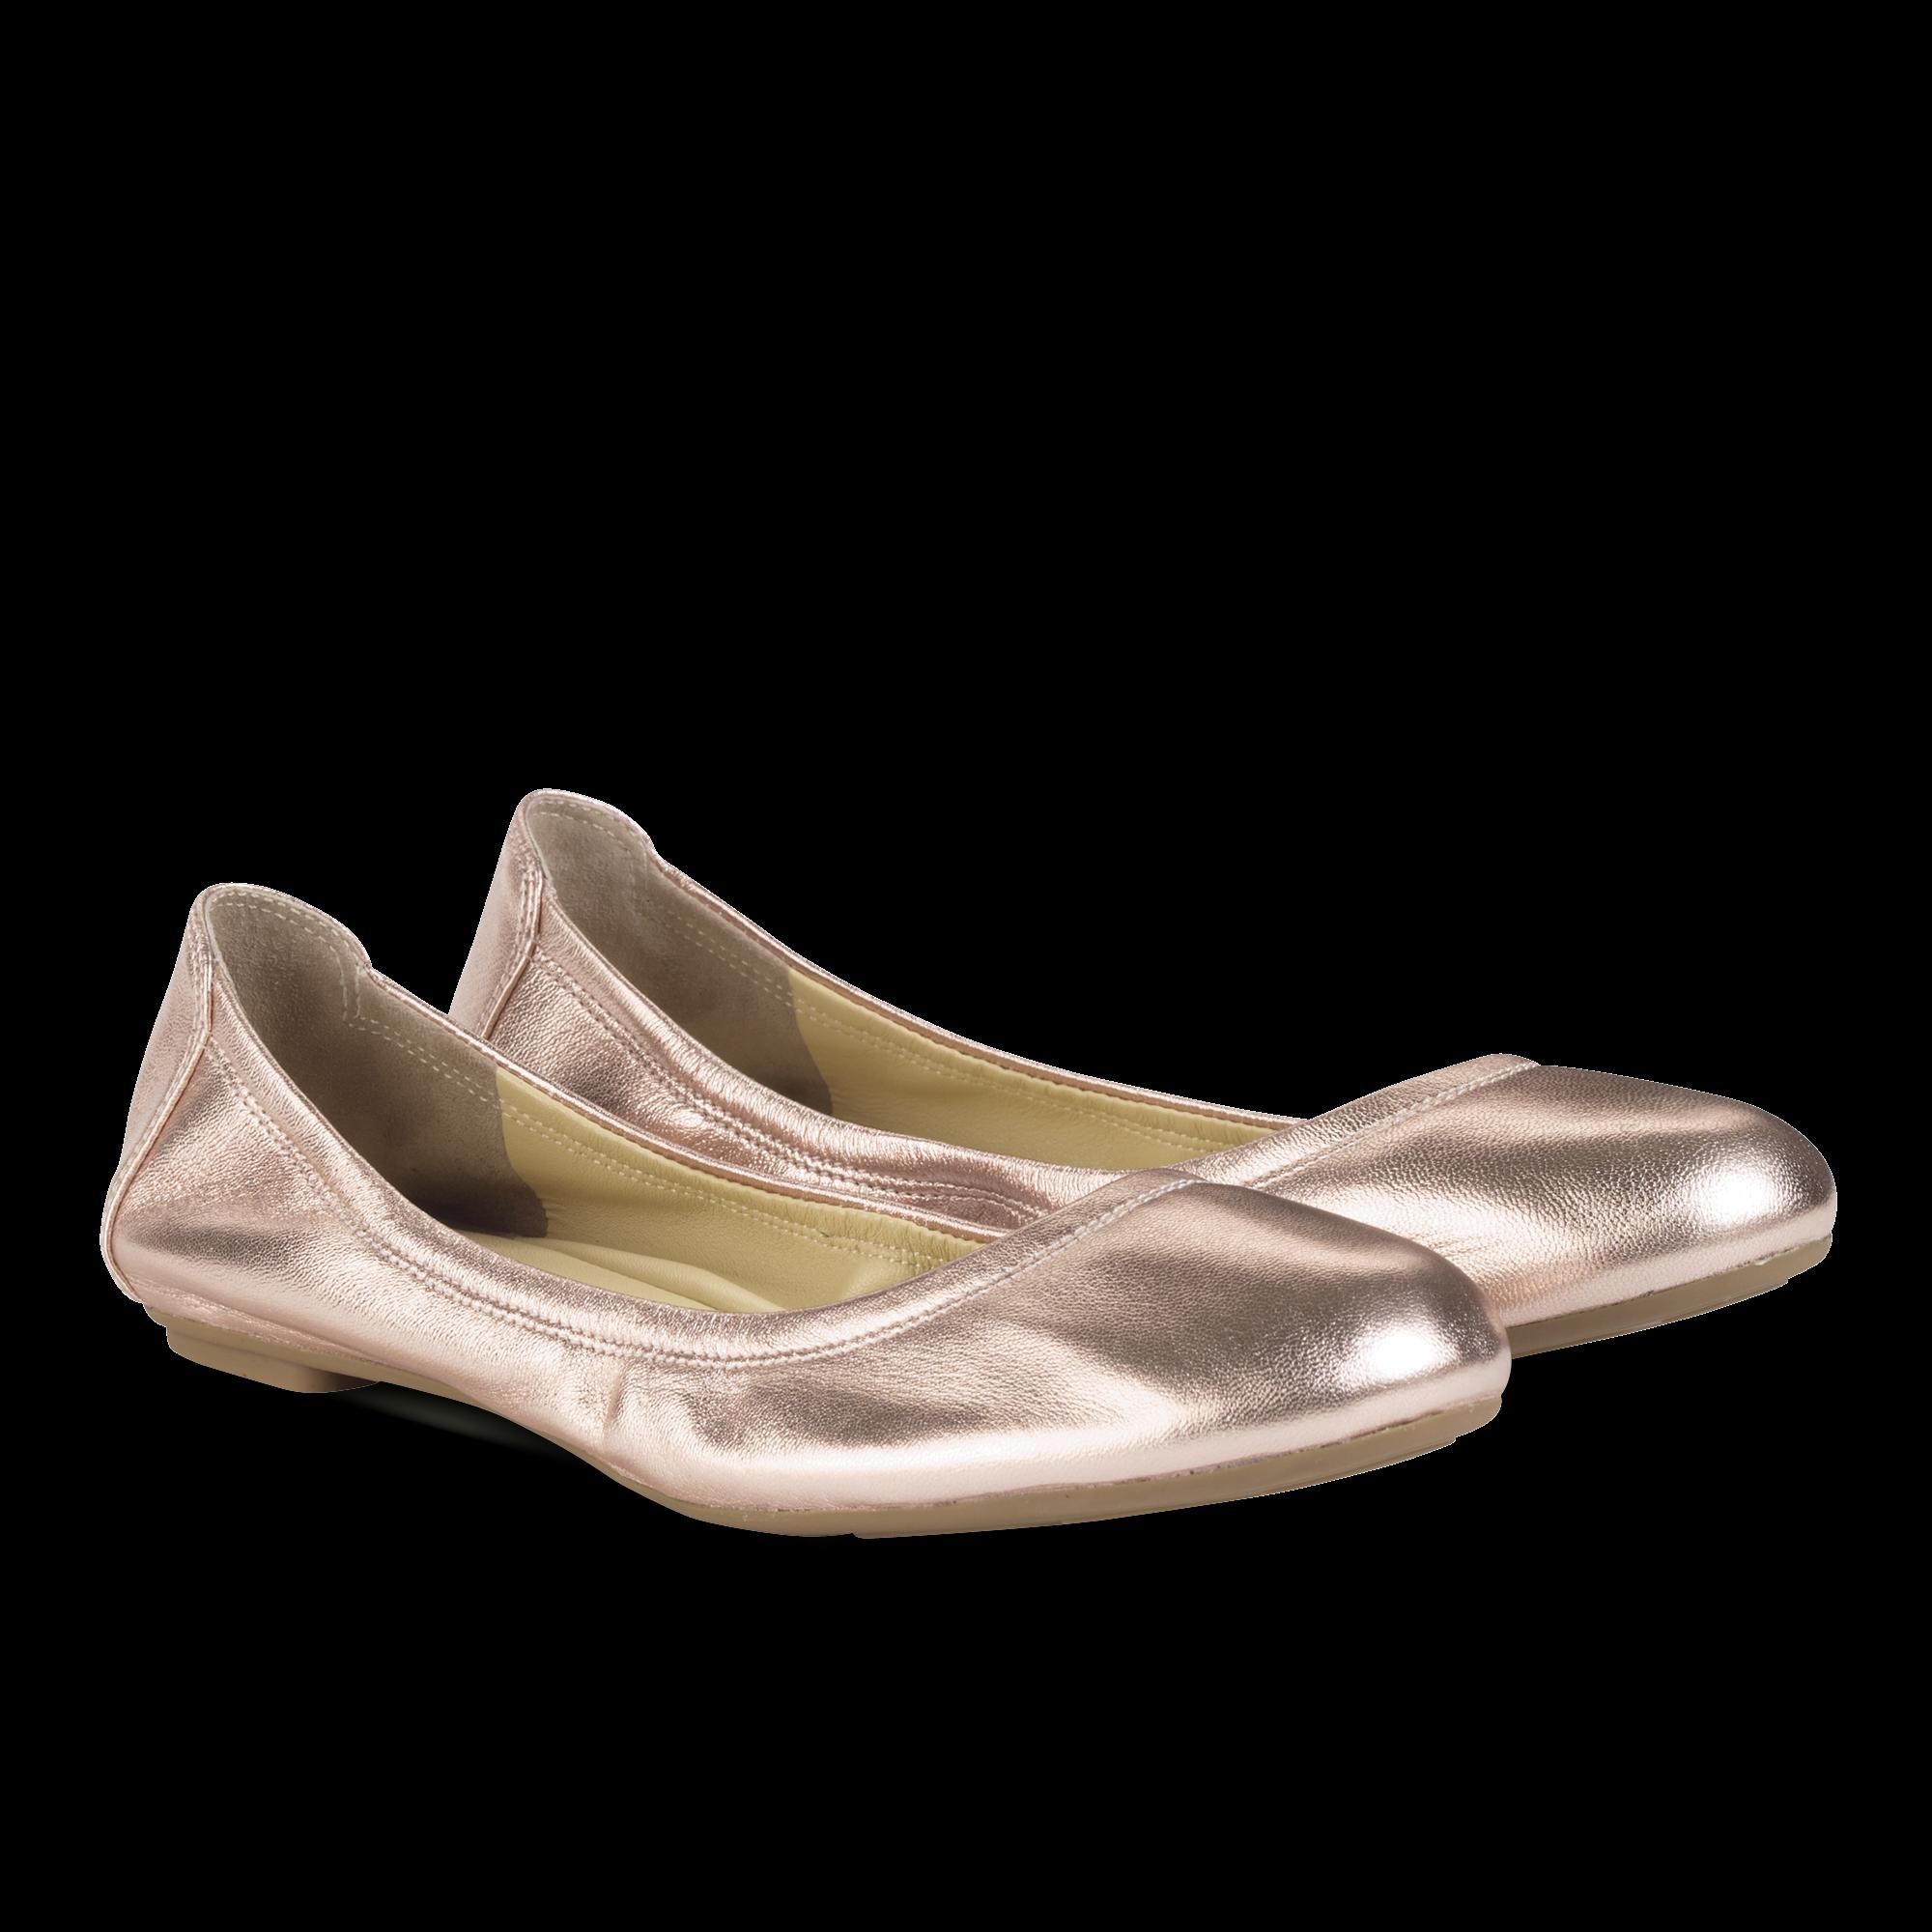 Rose Gold Ballet Flats | Cole Haan